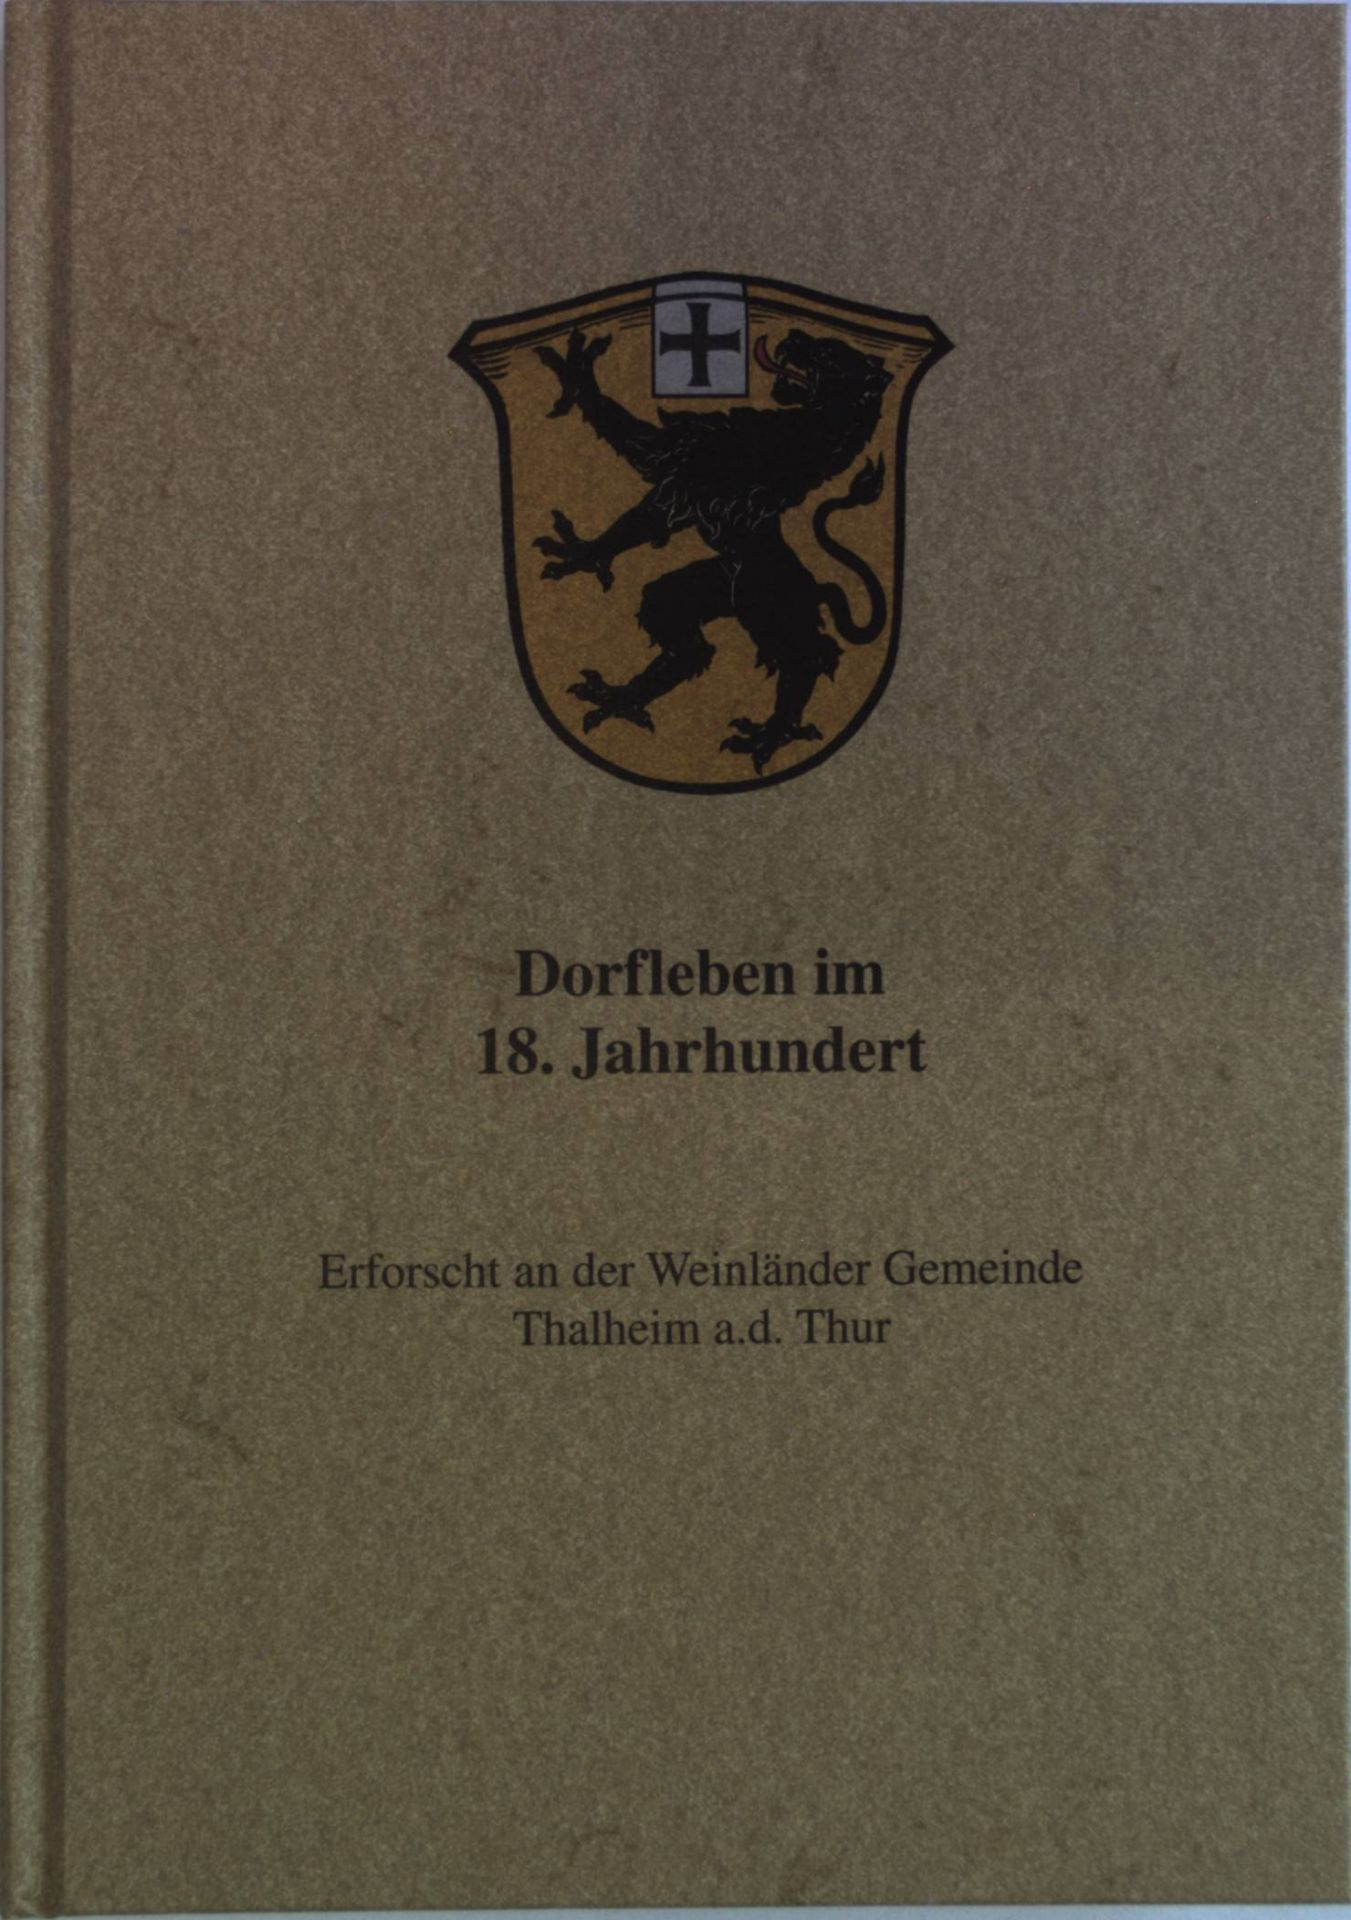 Dorfleben im 18. Jahrhundert. Erforscht an der Weinländer Gemeinde Thalheim an der Thur.